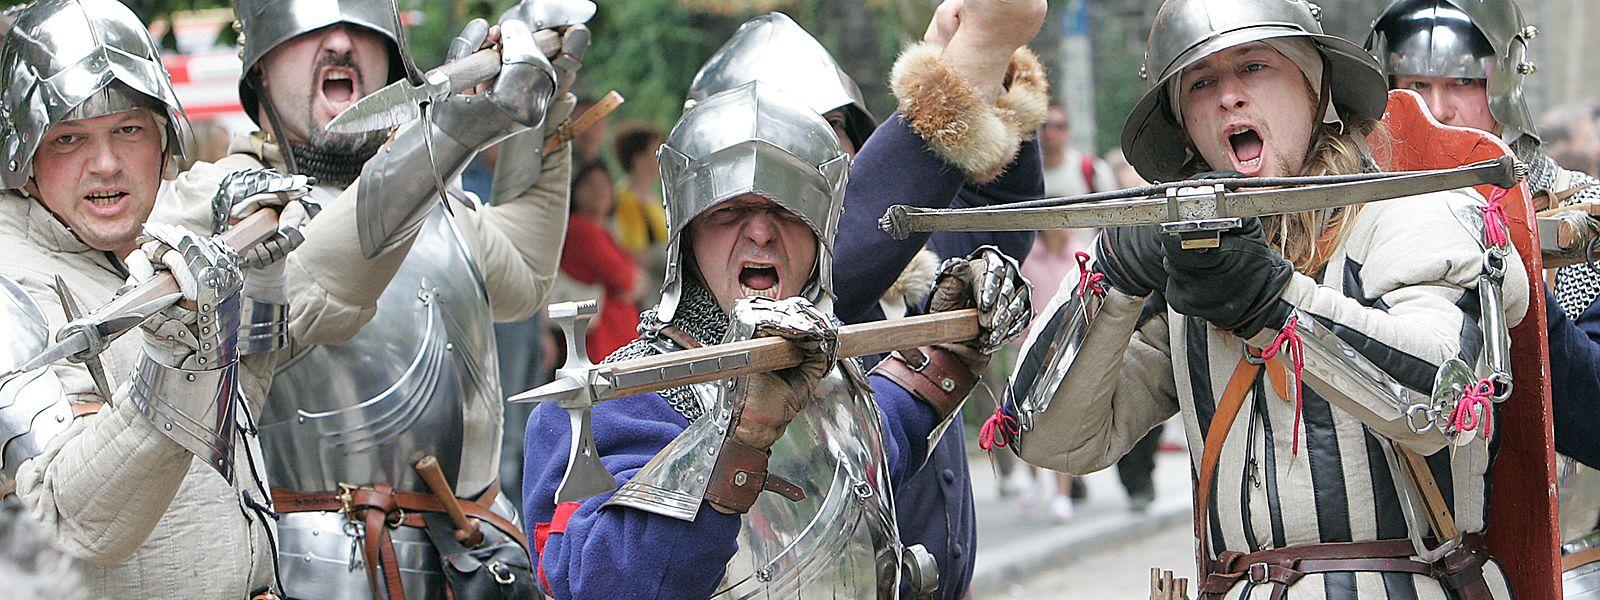 Ein Armbrustschütze auf einem Mittelalterfest (rechts).